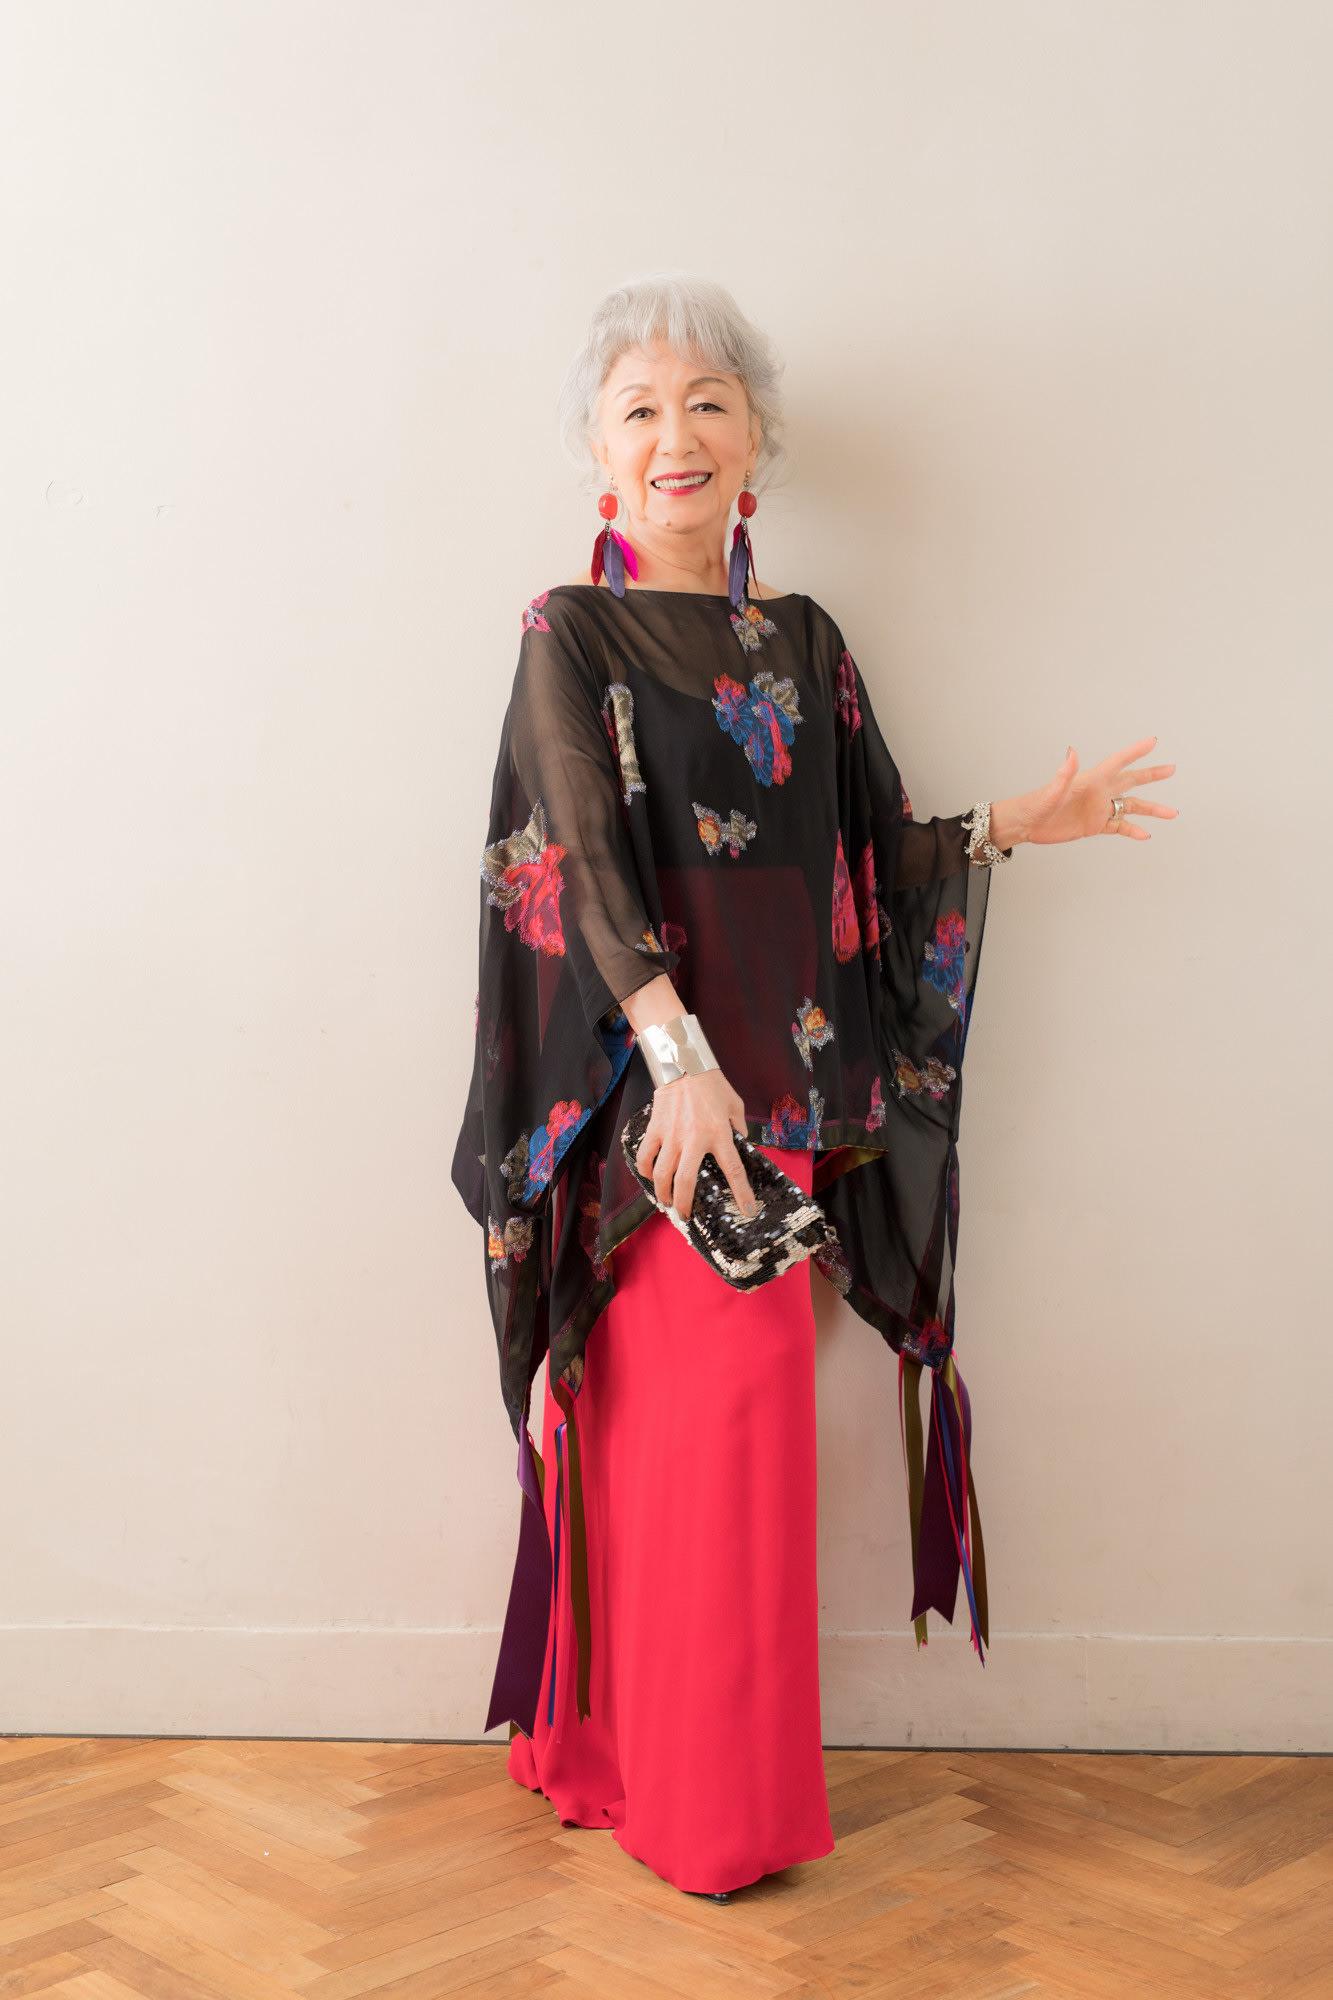 服に着られるのではなく着こなす」84歳のファッションリーダー